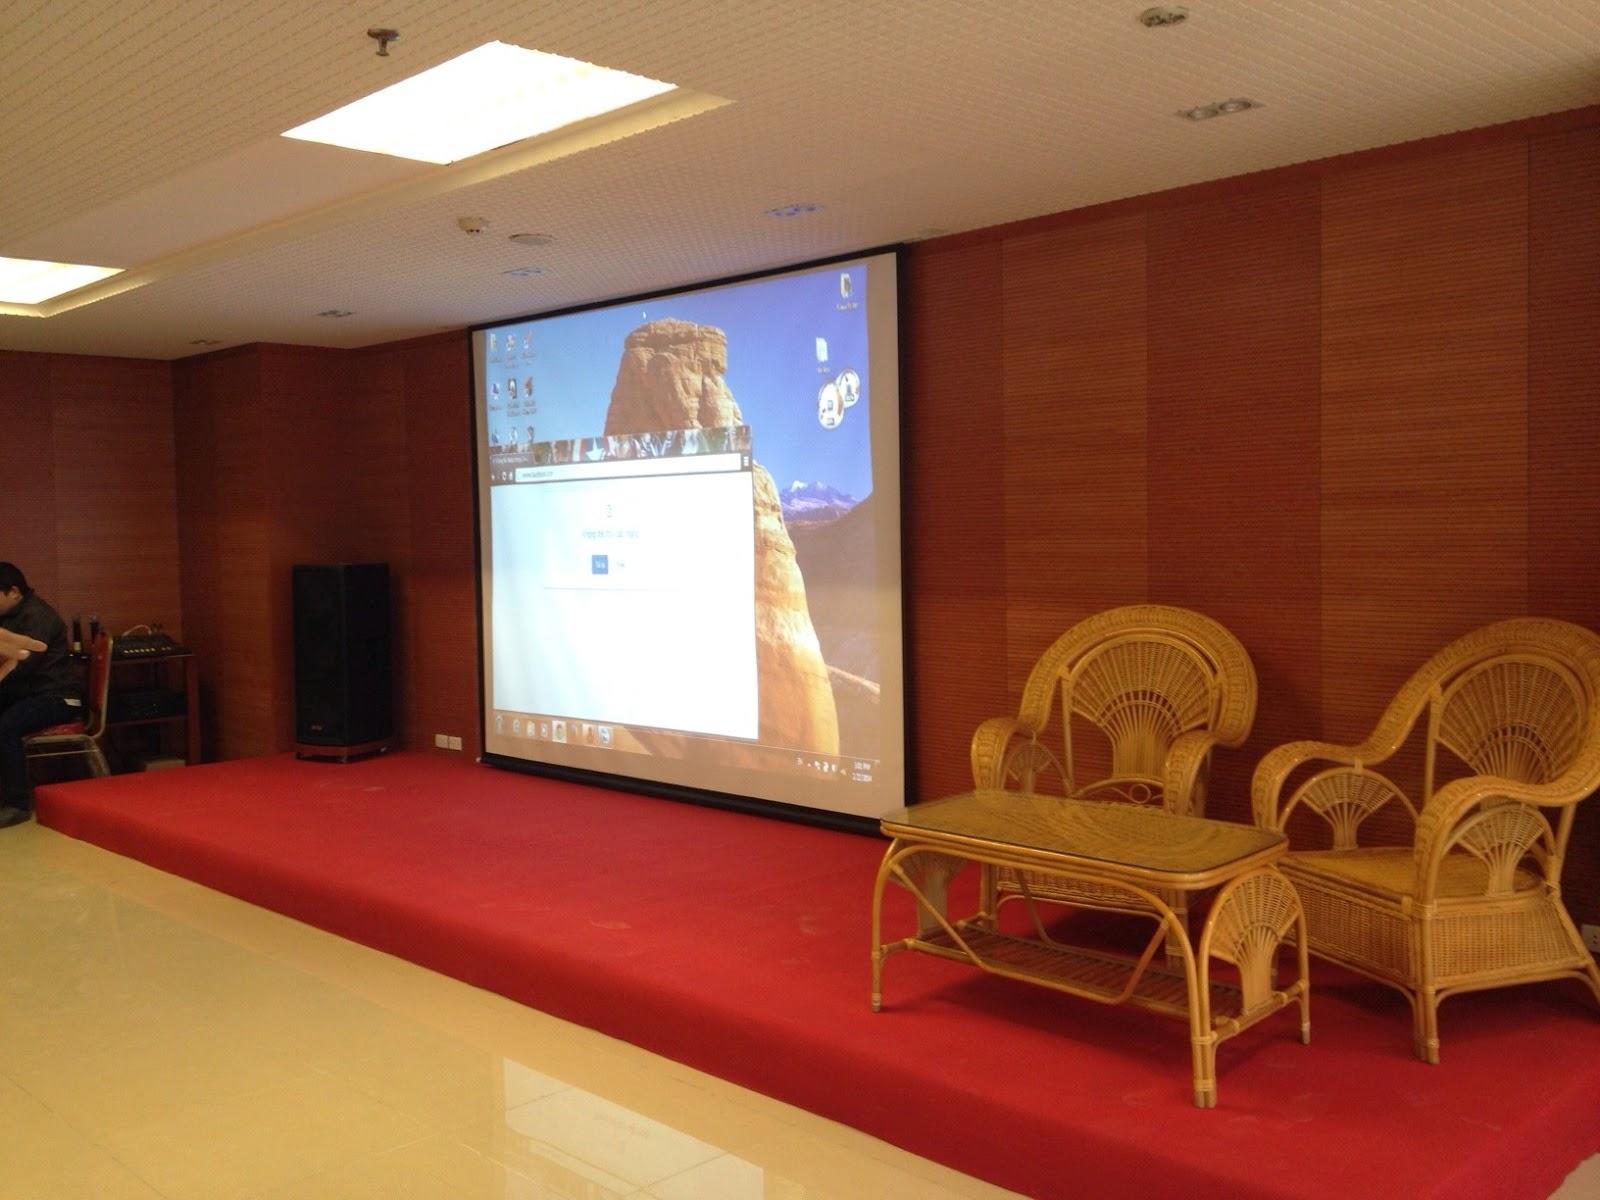 Cho thuê phòng hội thảo, cho thuê phòng hội trường tại Hà Nội